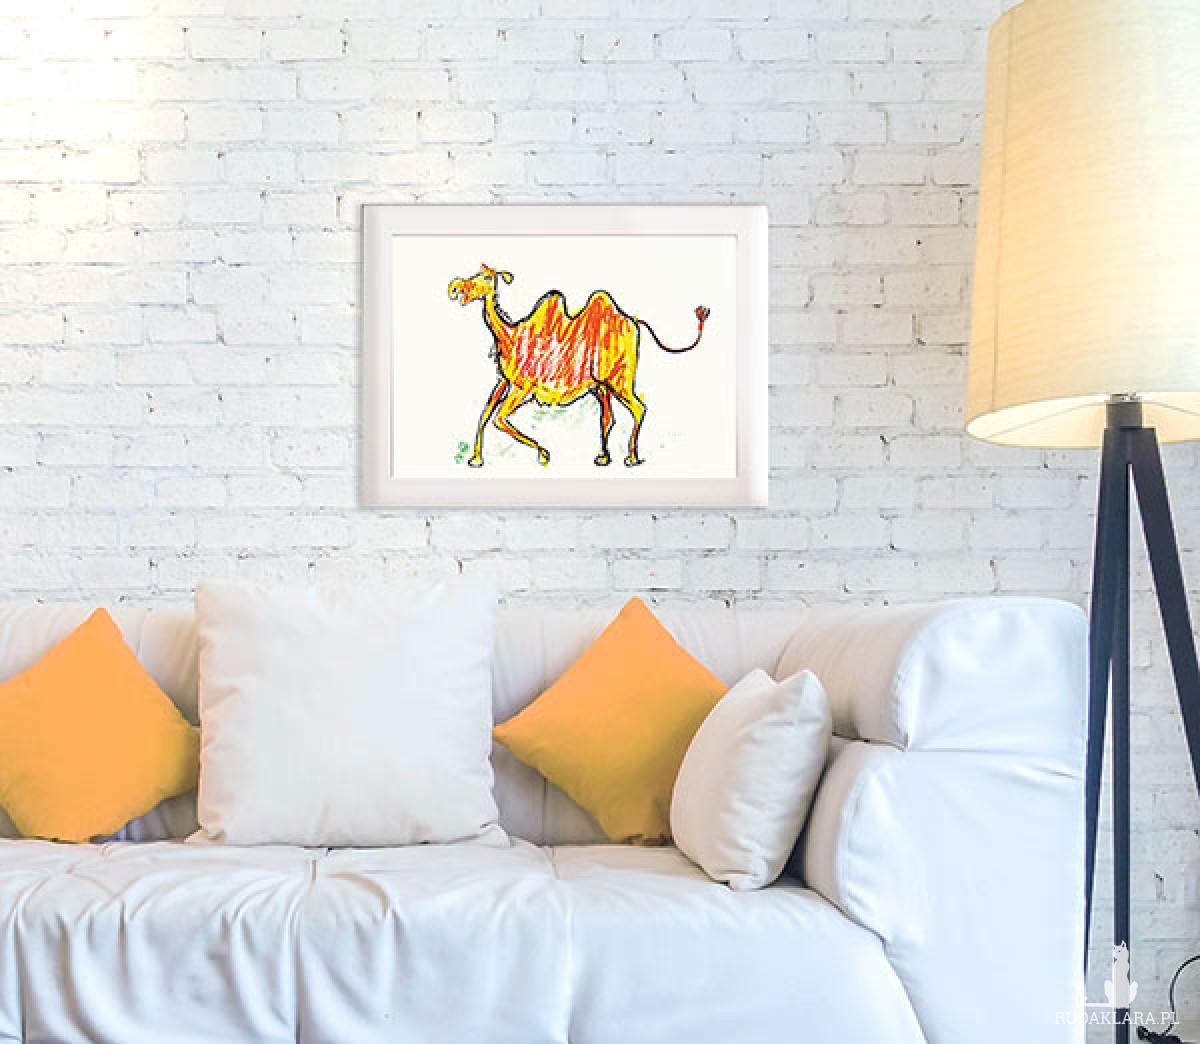 wielbłąd plakat dla dzieci, grafika do dziecięcego pokoju, plakat do pokoju chłopca